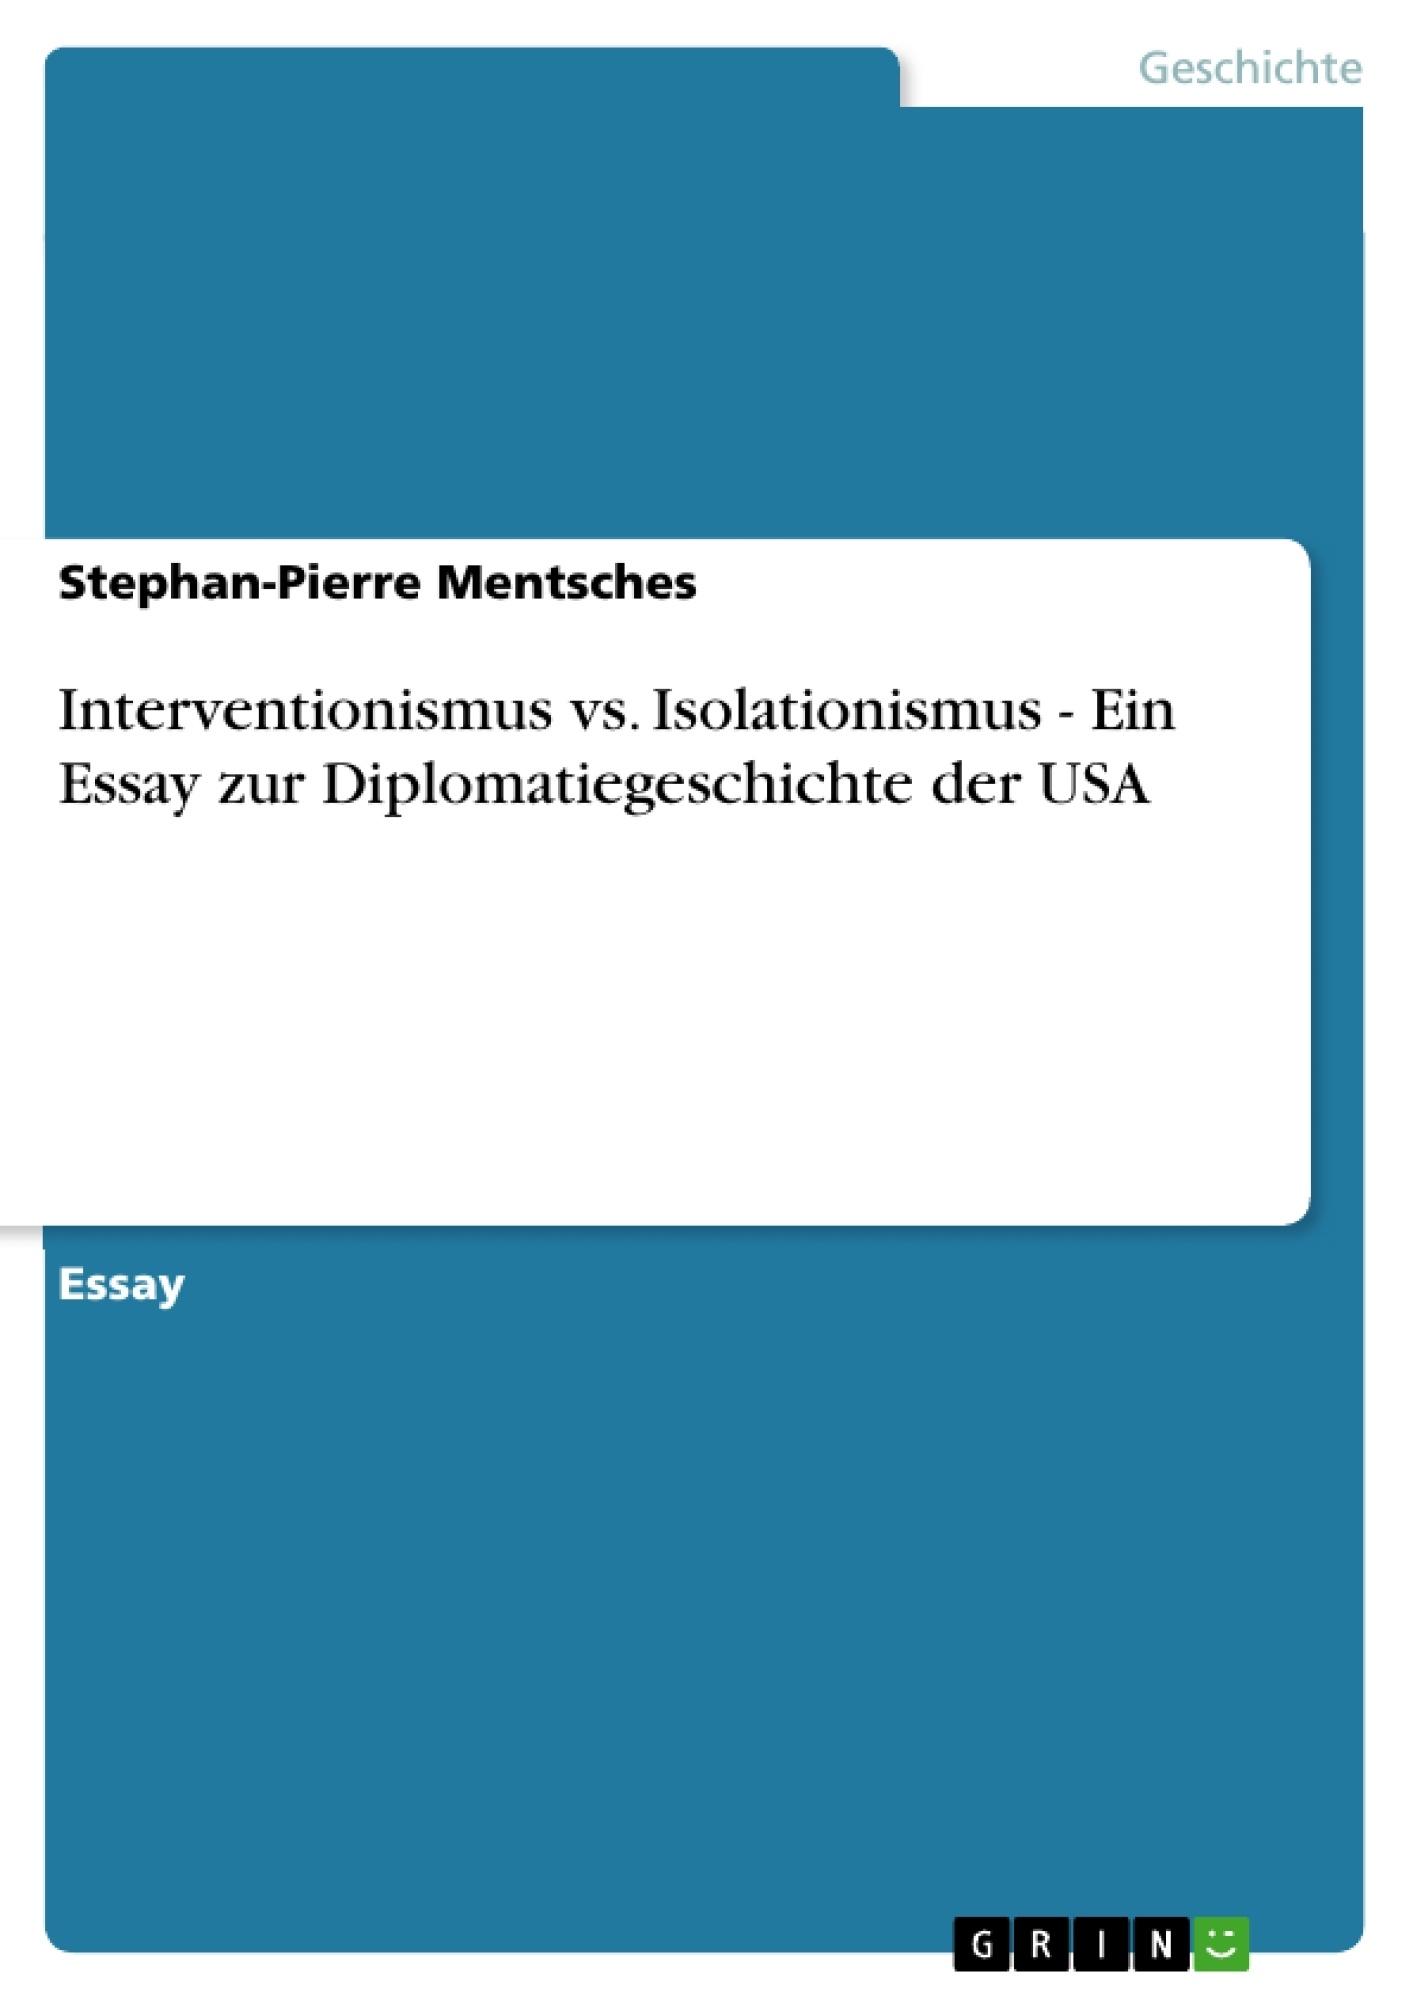 Titel: Interventionismus vs. Isolationismus - Ein Essay zur Diplomatiegeschichte der USA